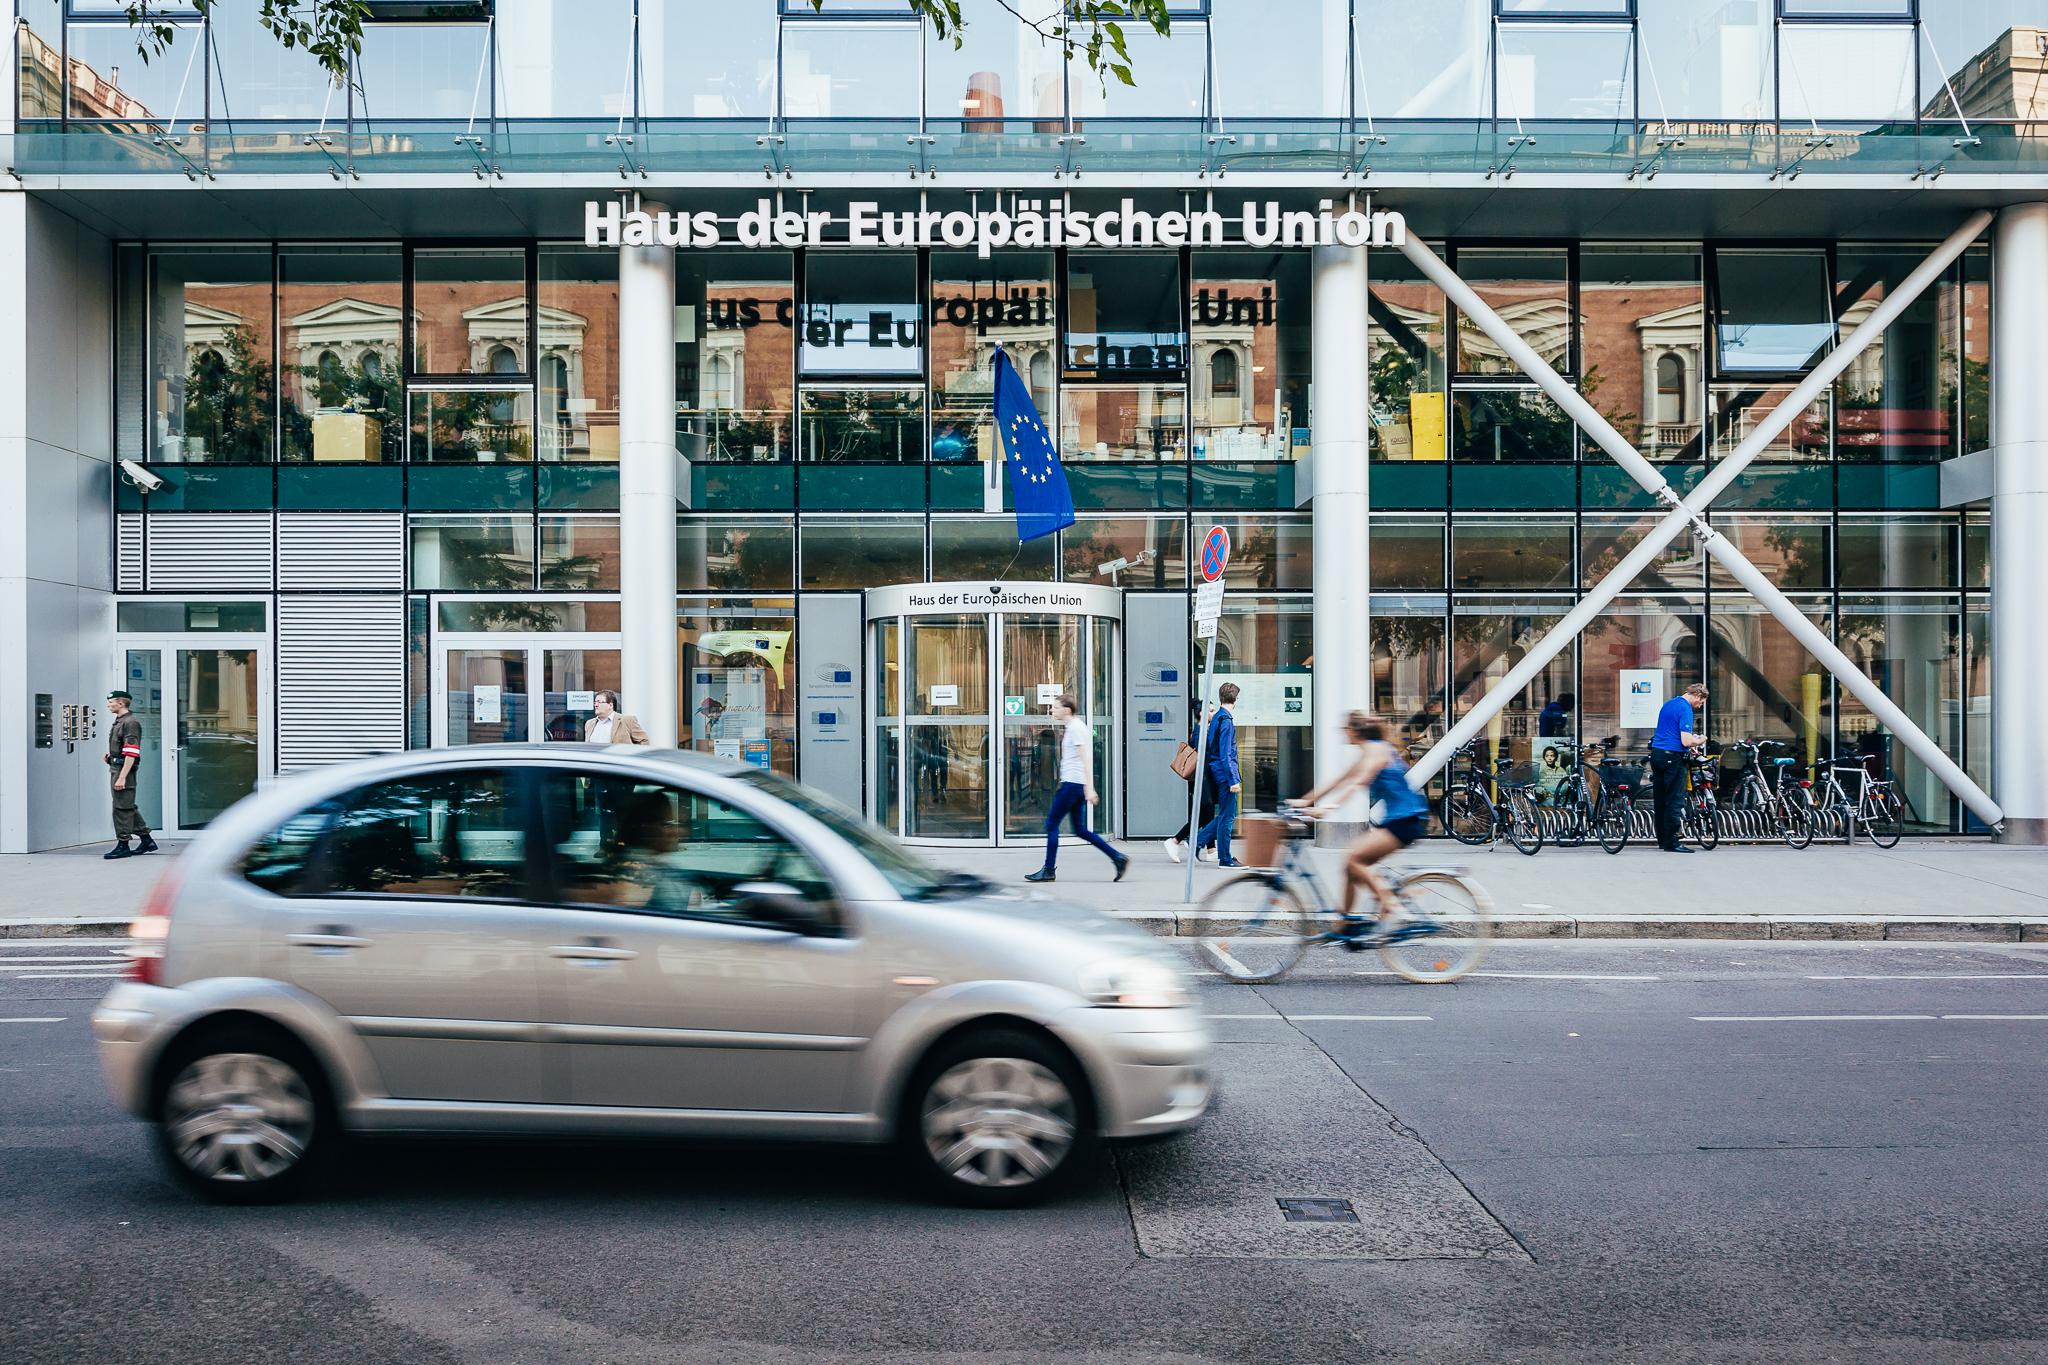 Bürgerforum_Buchpräsentation_130918_03_web.jpg